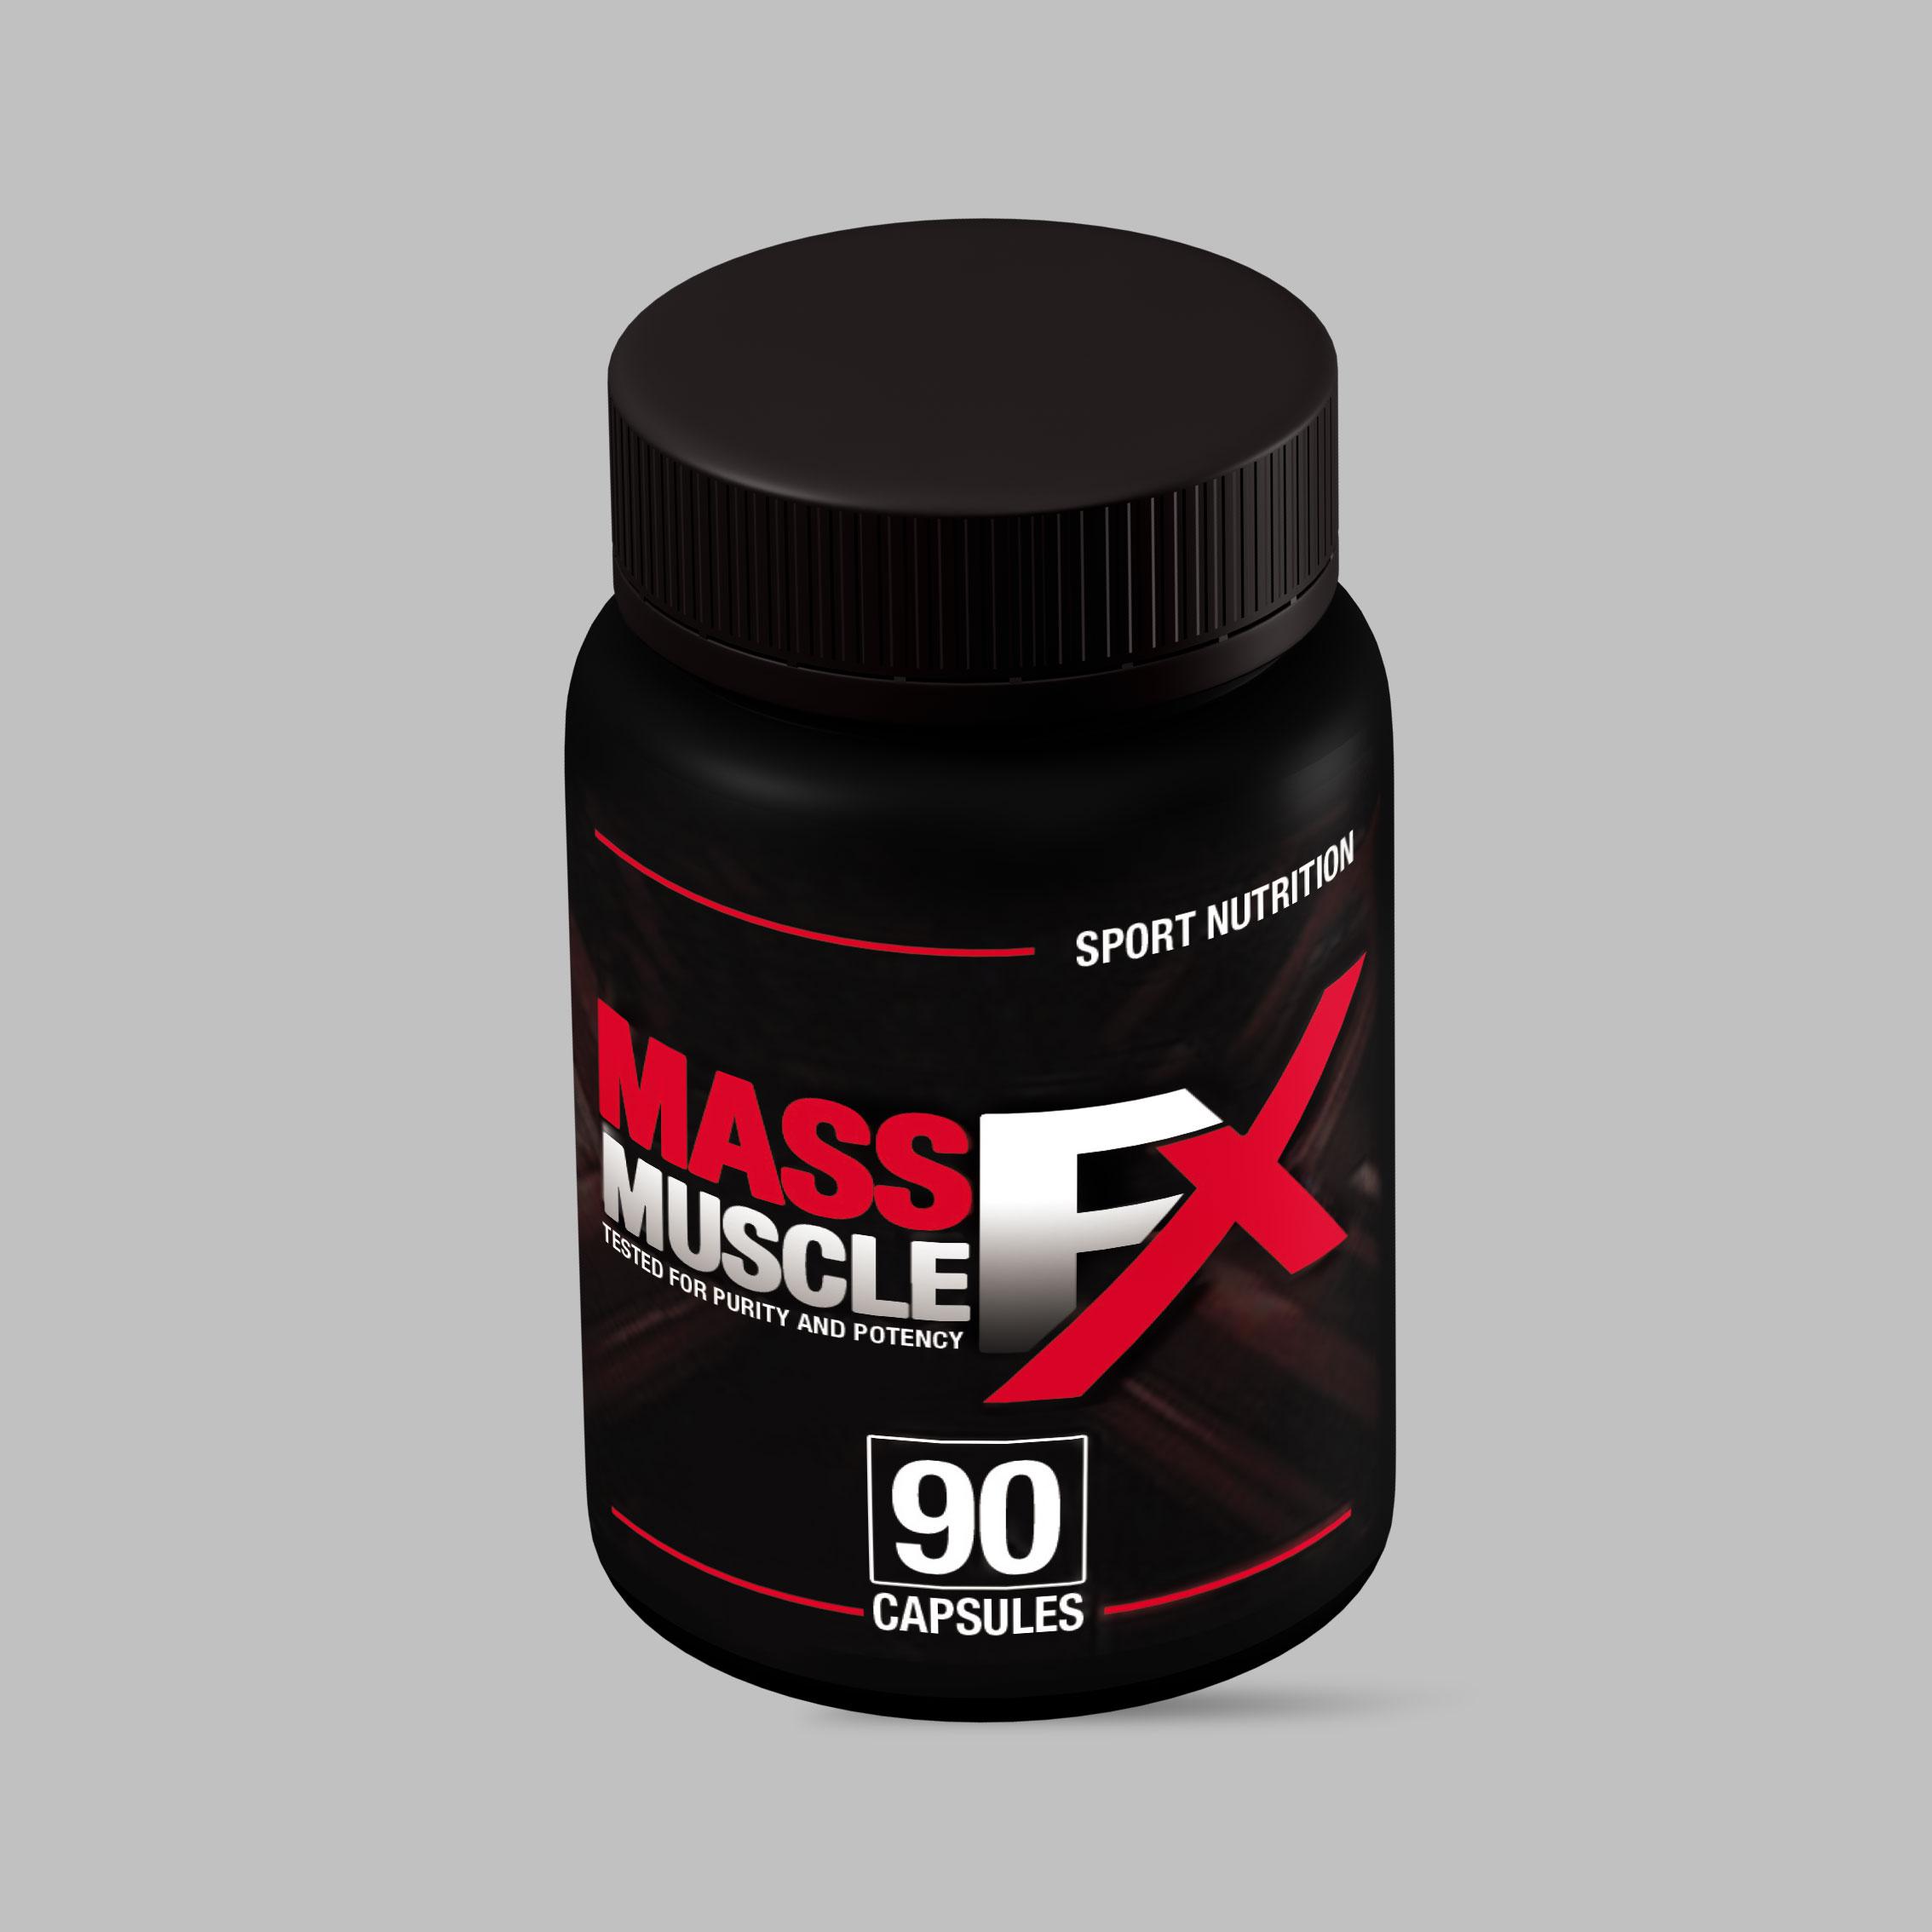 mass muscle fx